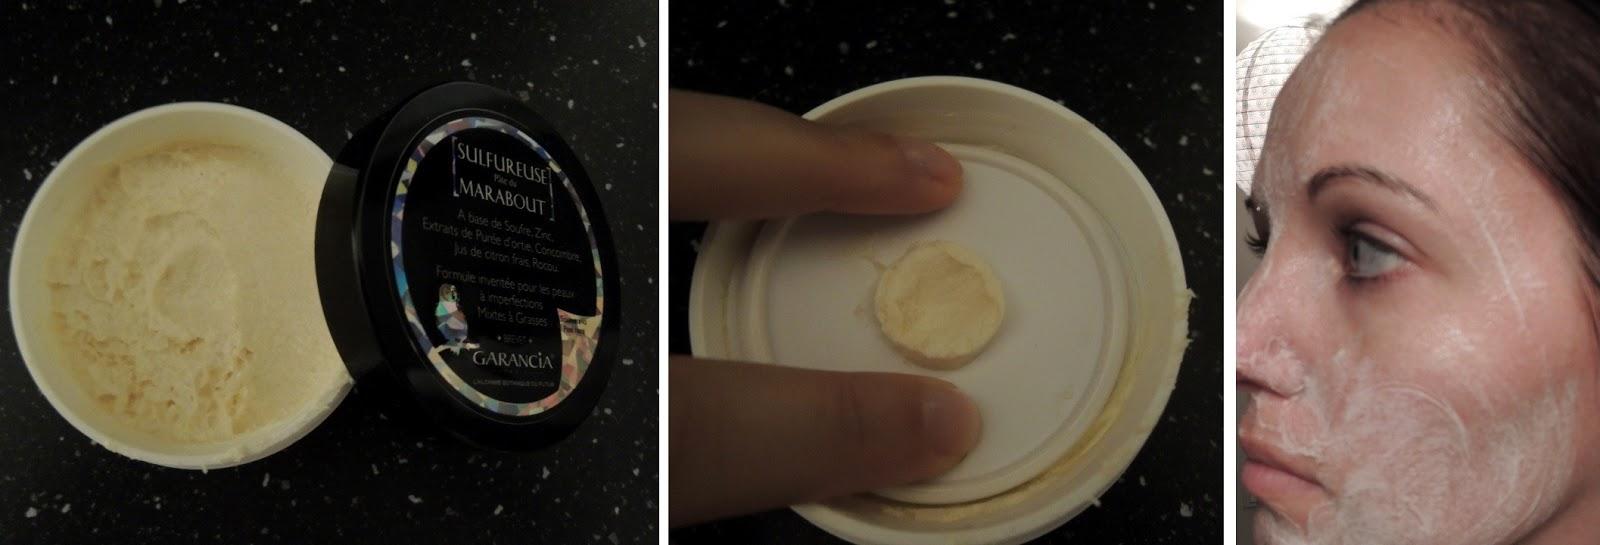 sulfureuse pâte de marabout